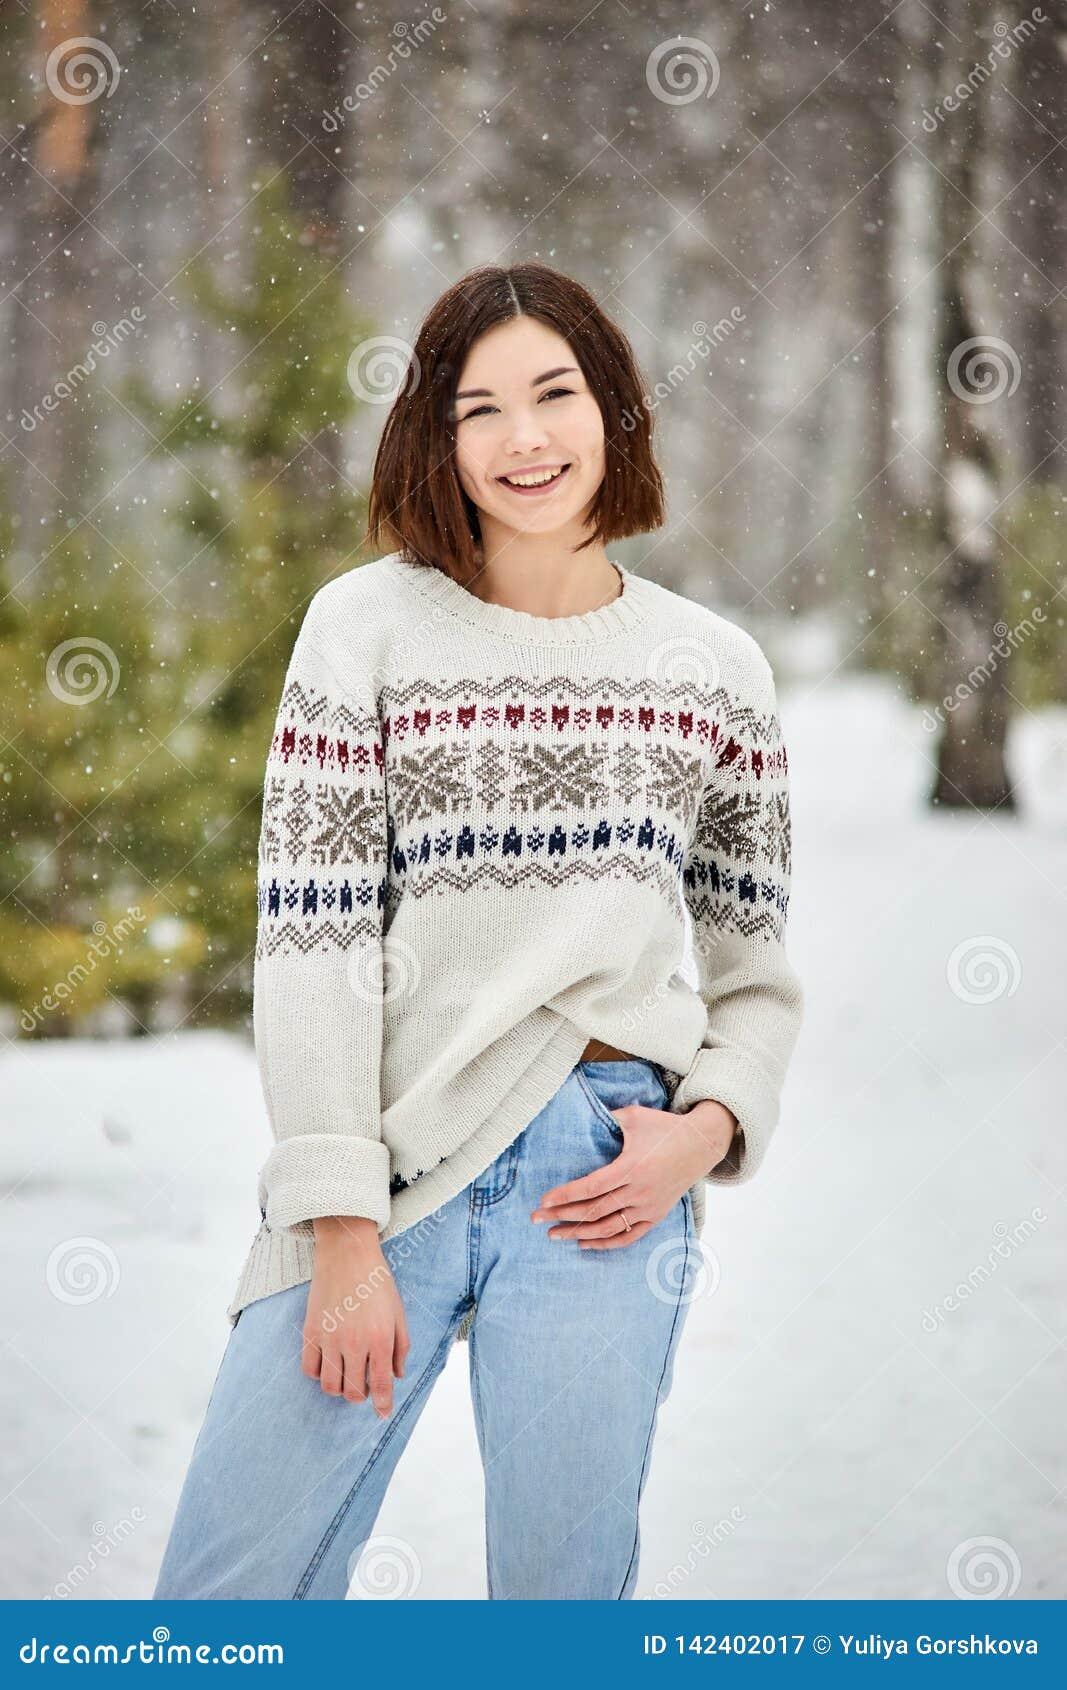 Adolescente nelle precipitazioni nevose della foresta di inverno